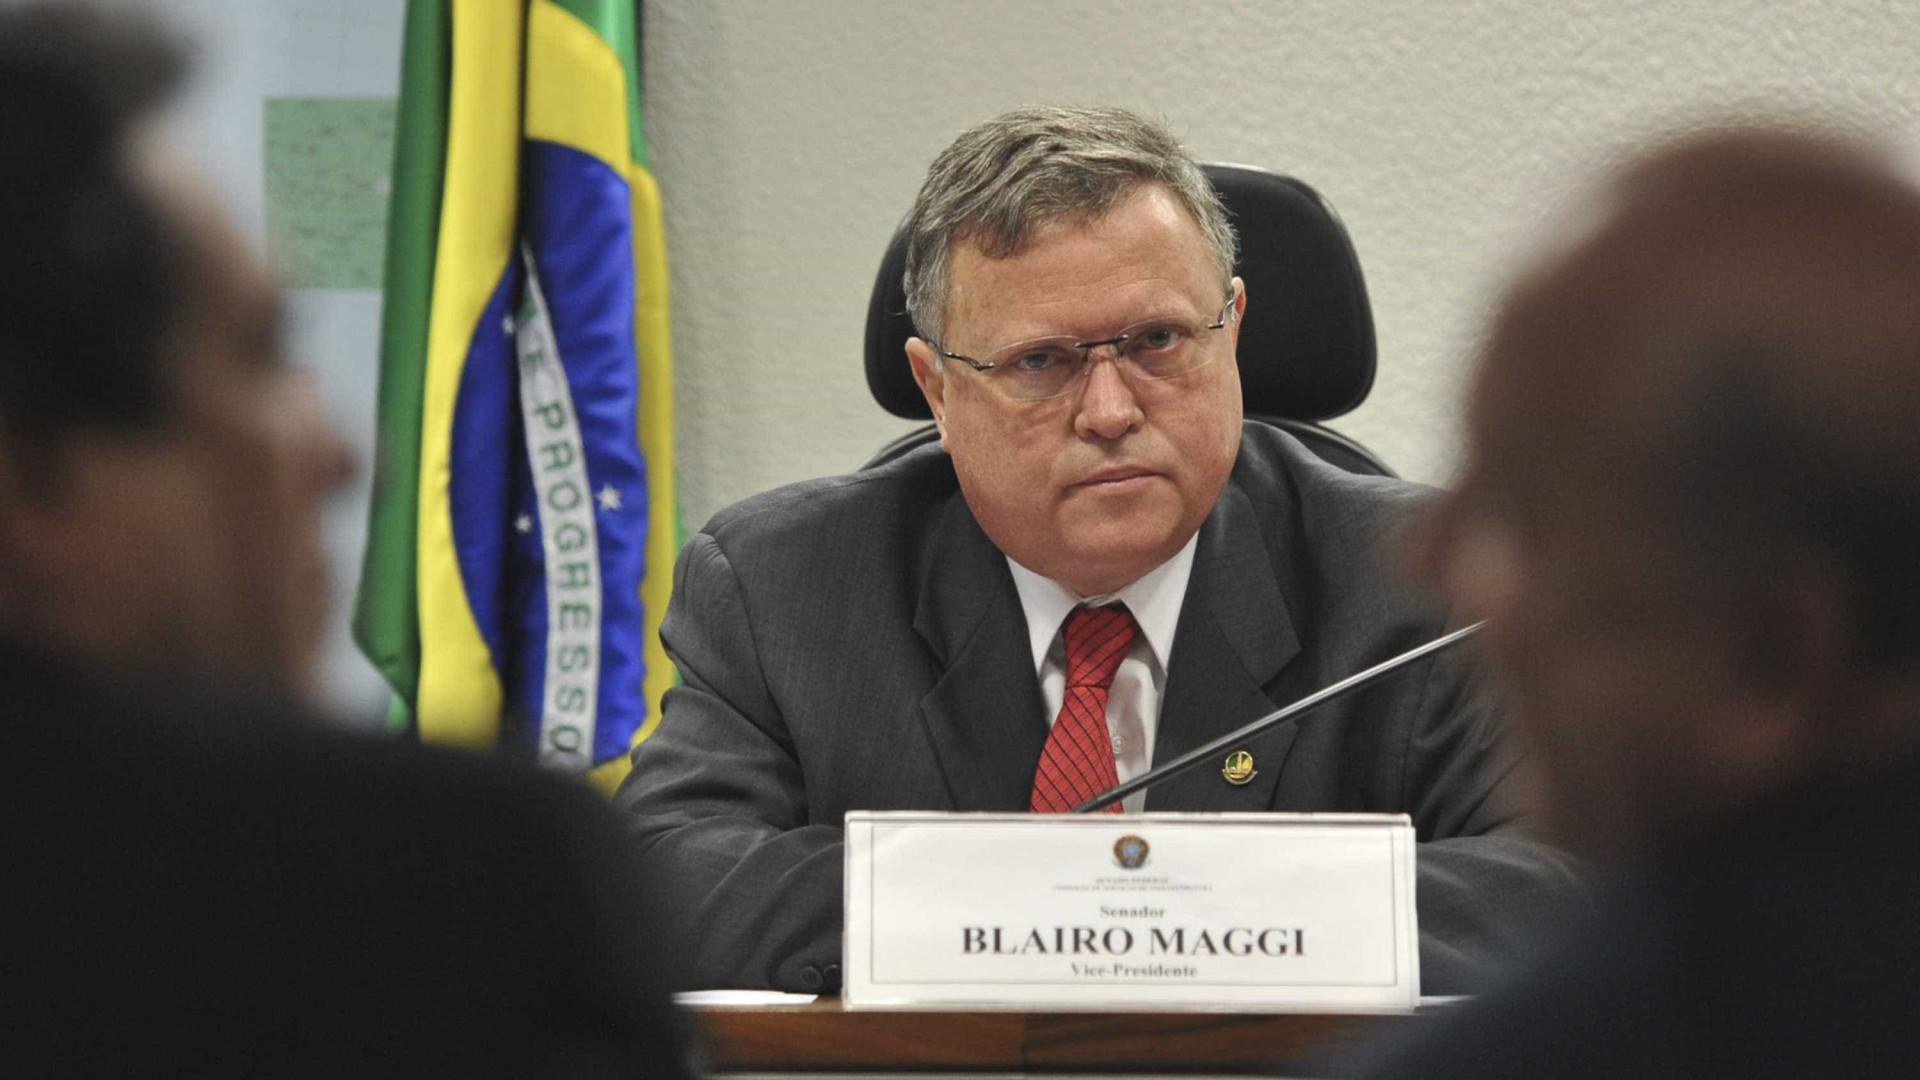 Ministro é acusado de subornar testemunha por ex-governador do MT